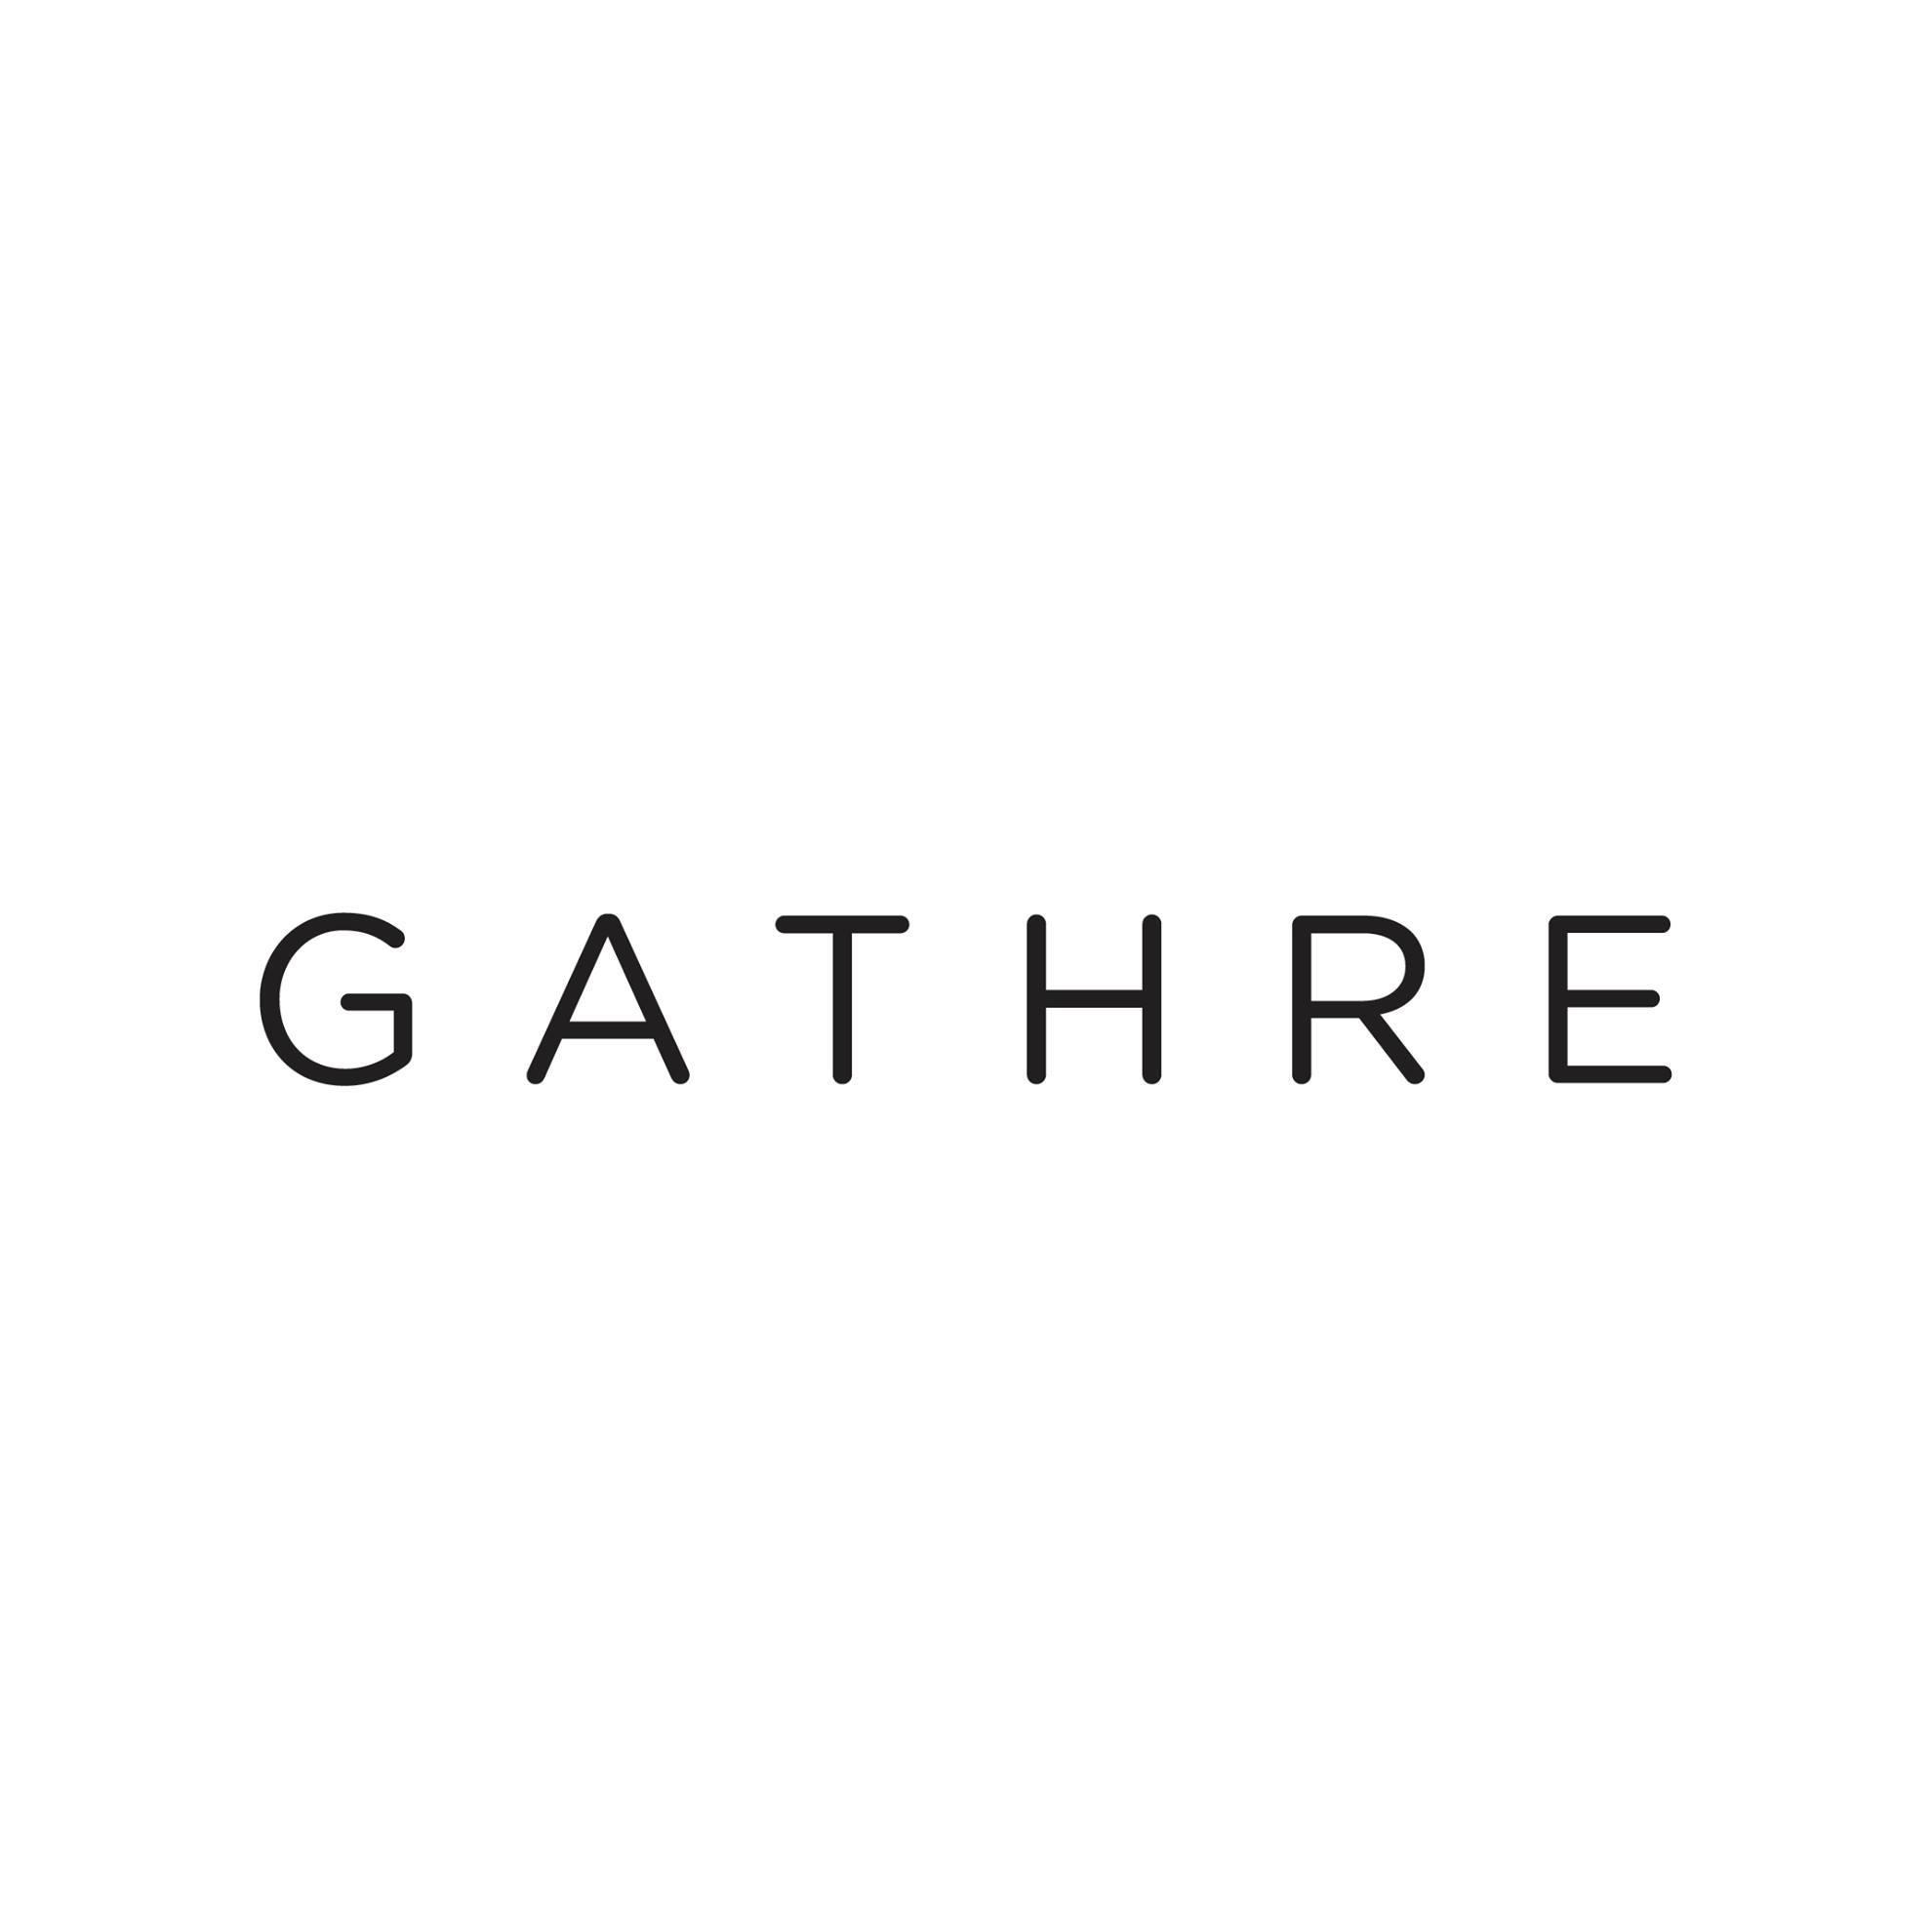 Gathre